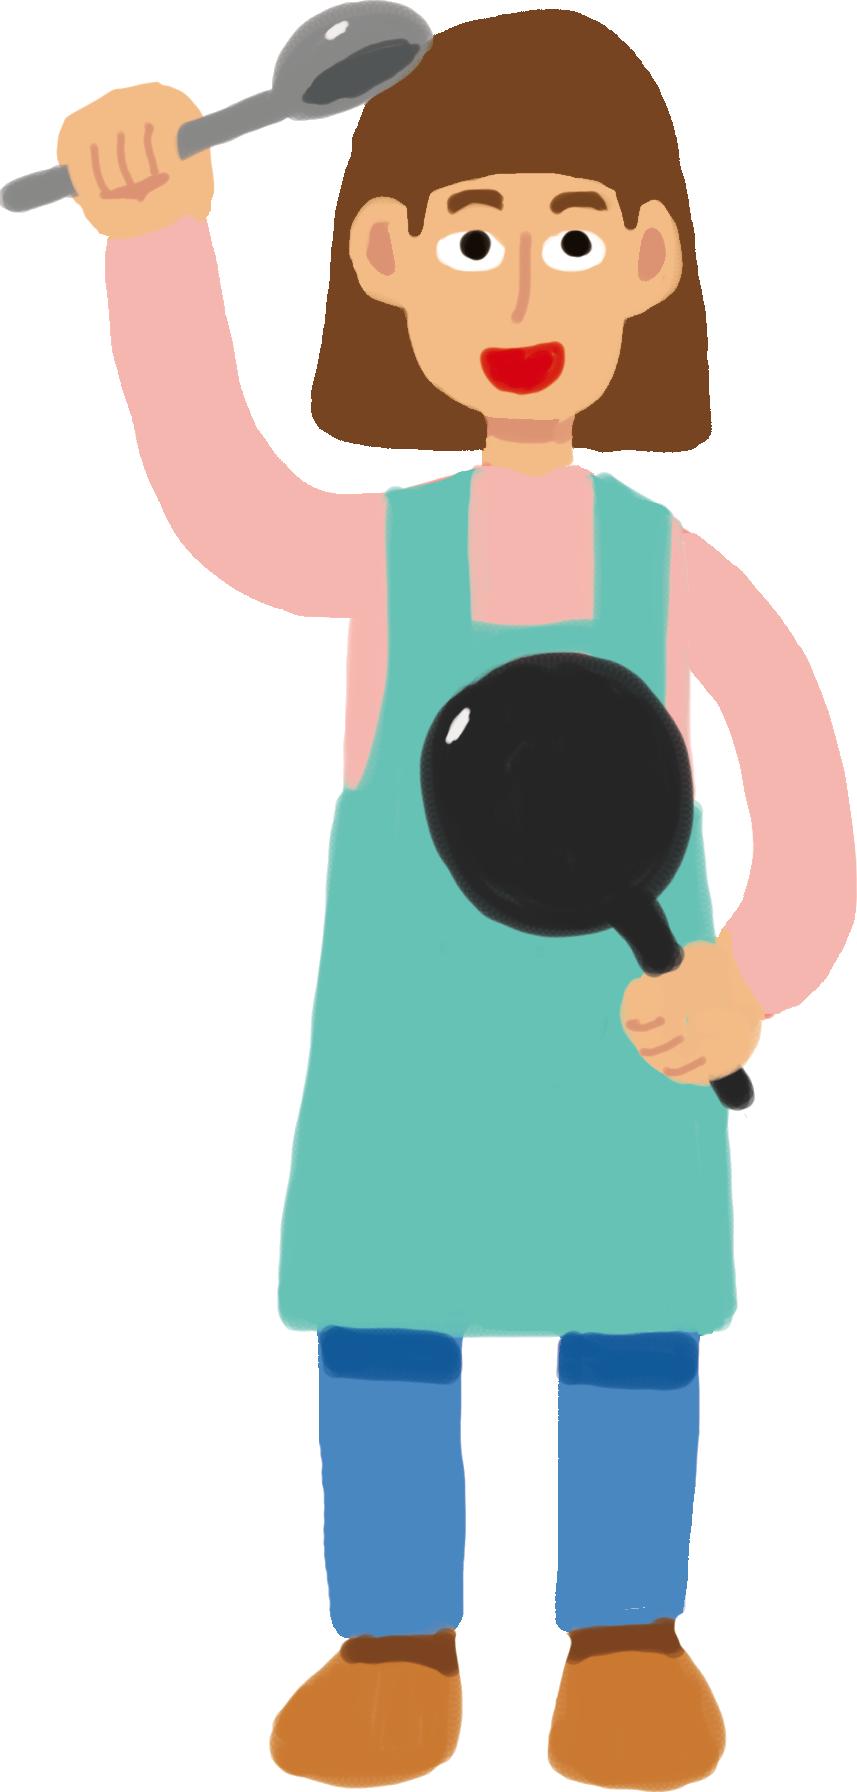 料理をしている女性のイラスト | イラストタウン – 無料おしゃれ手描き